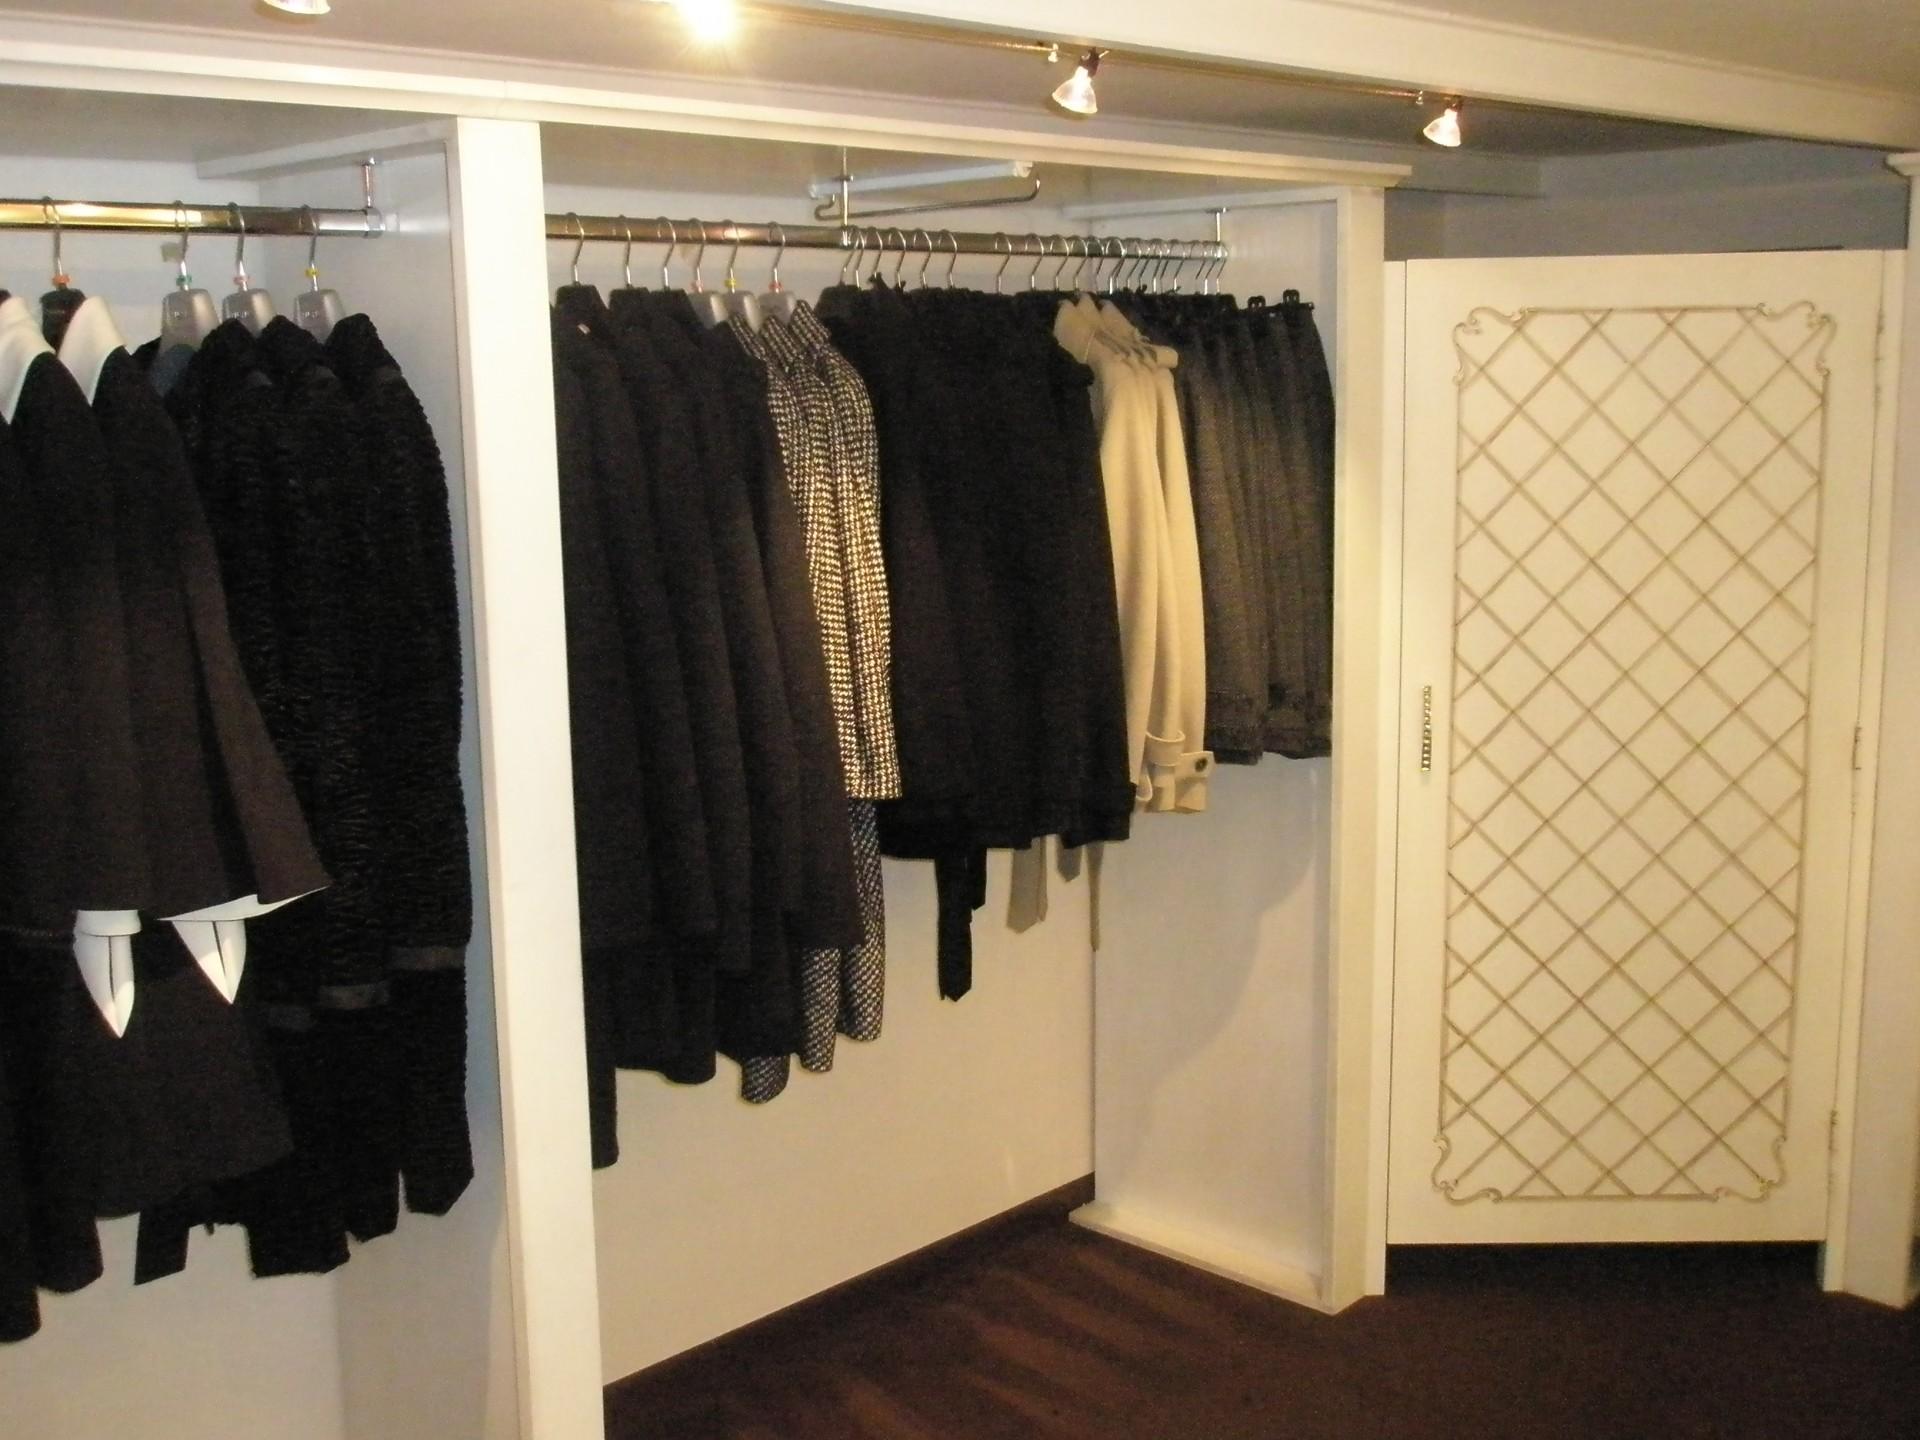 arredamento per negozio di abbigliamento. | fadini mobili cerea verona - Arredamento Per Negozio Di Abbigliamento